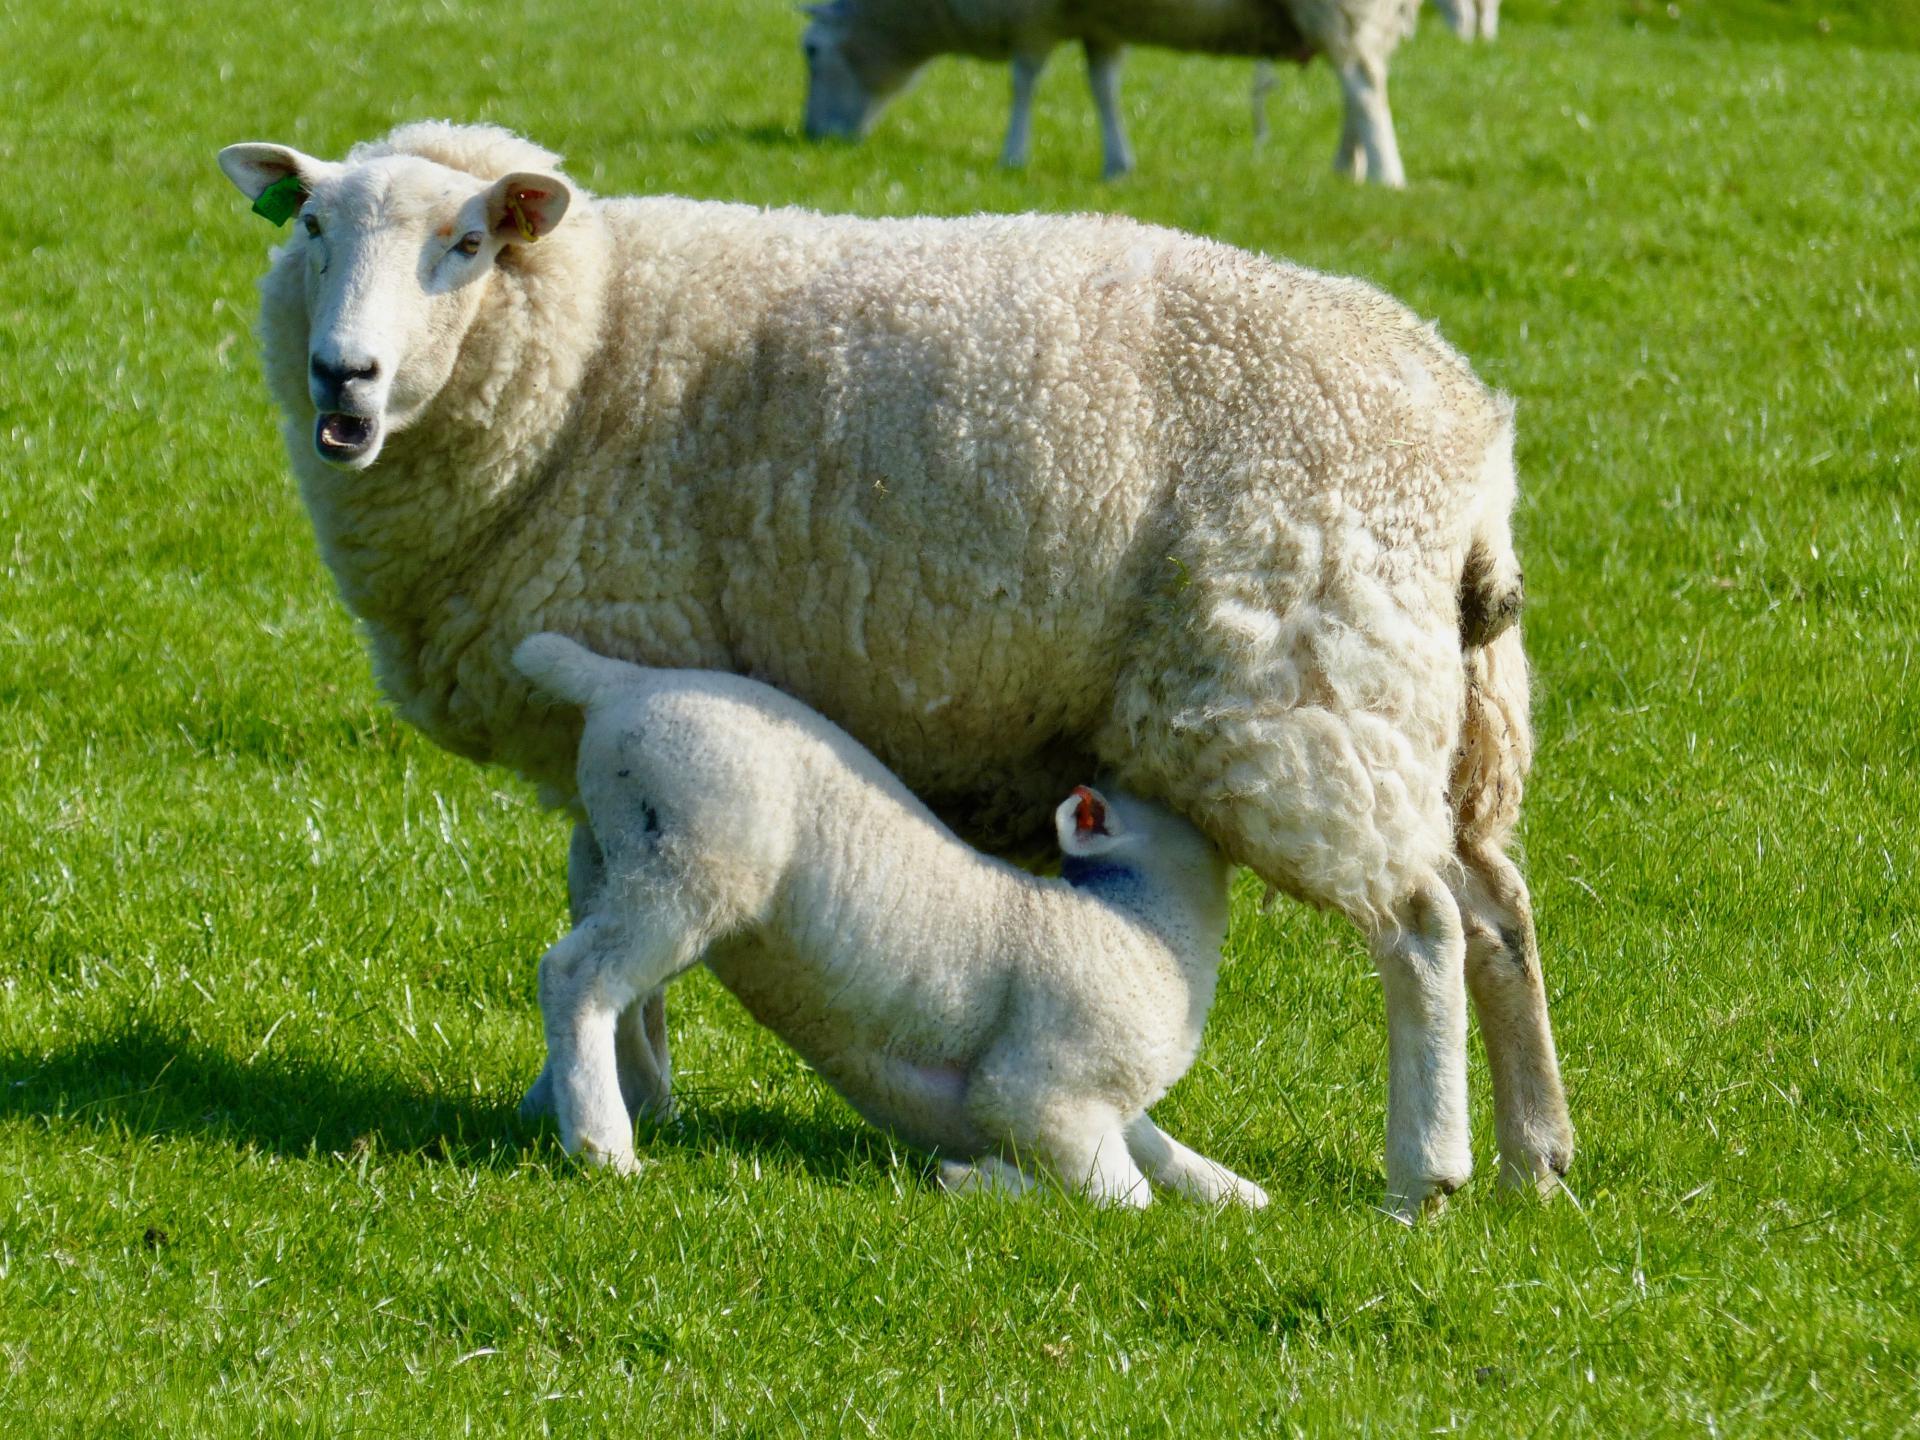 In Wales gibt es viele Schafe!